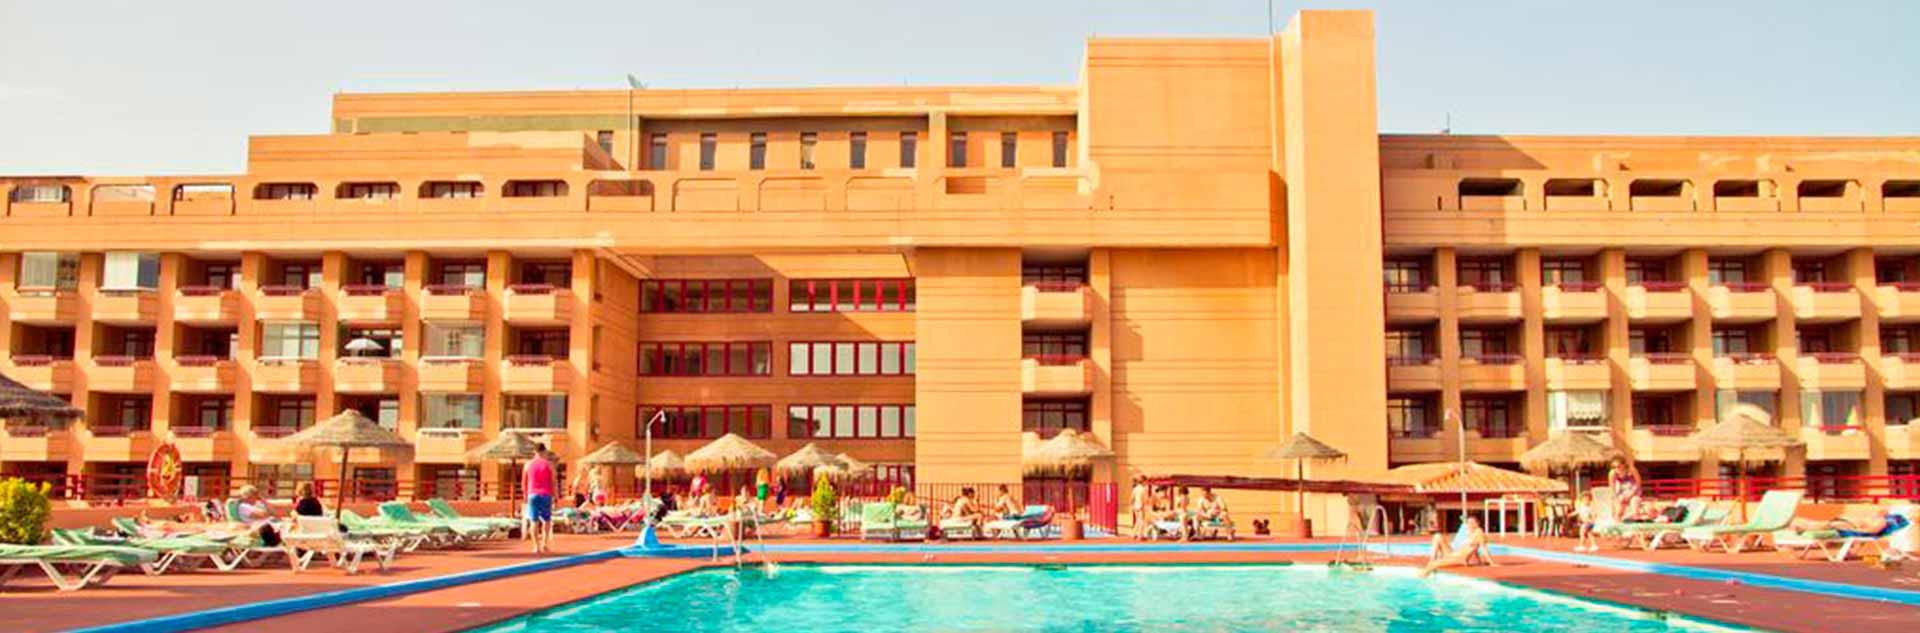 Exterior y Piscina del hotel Las Palmeras en Fuengirola